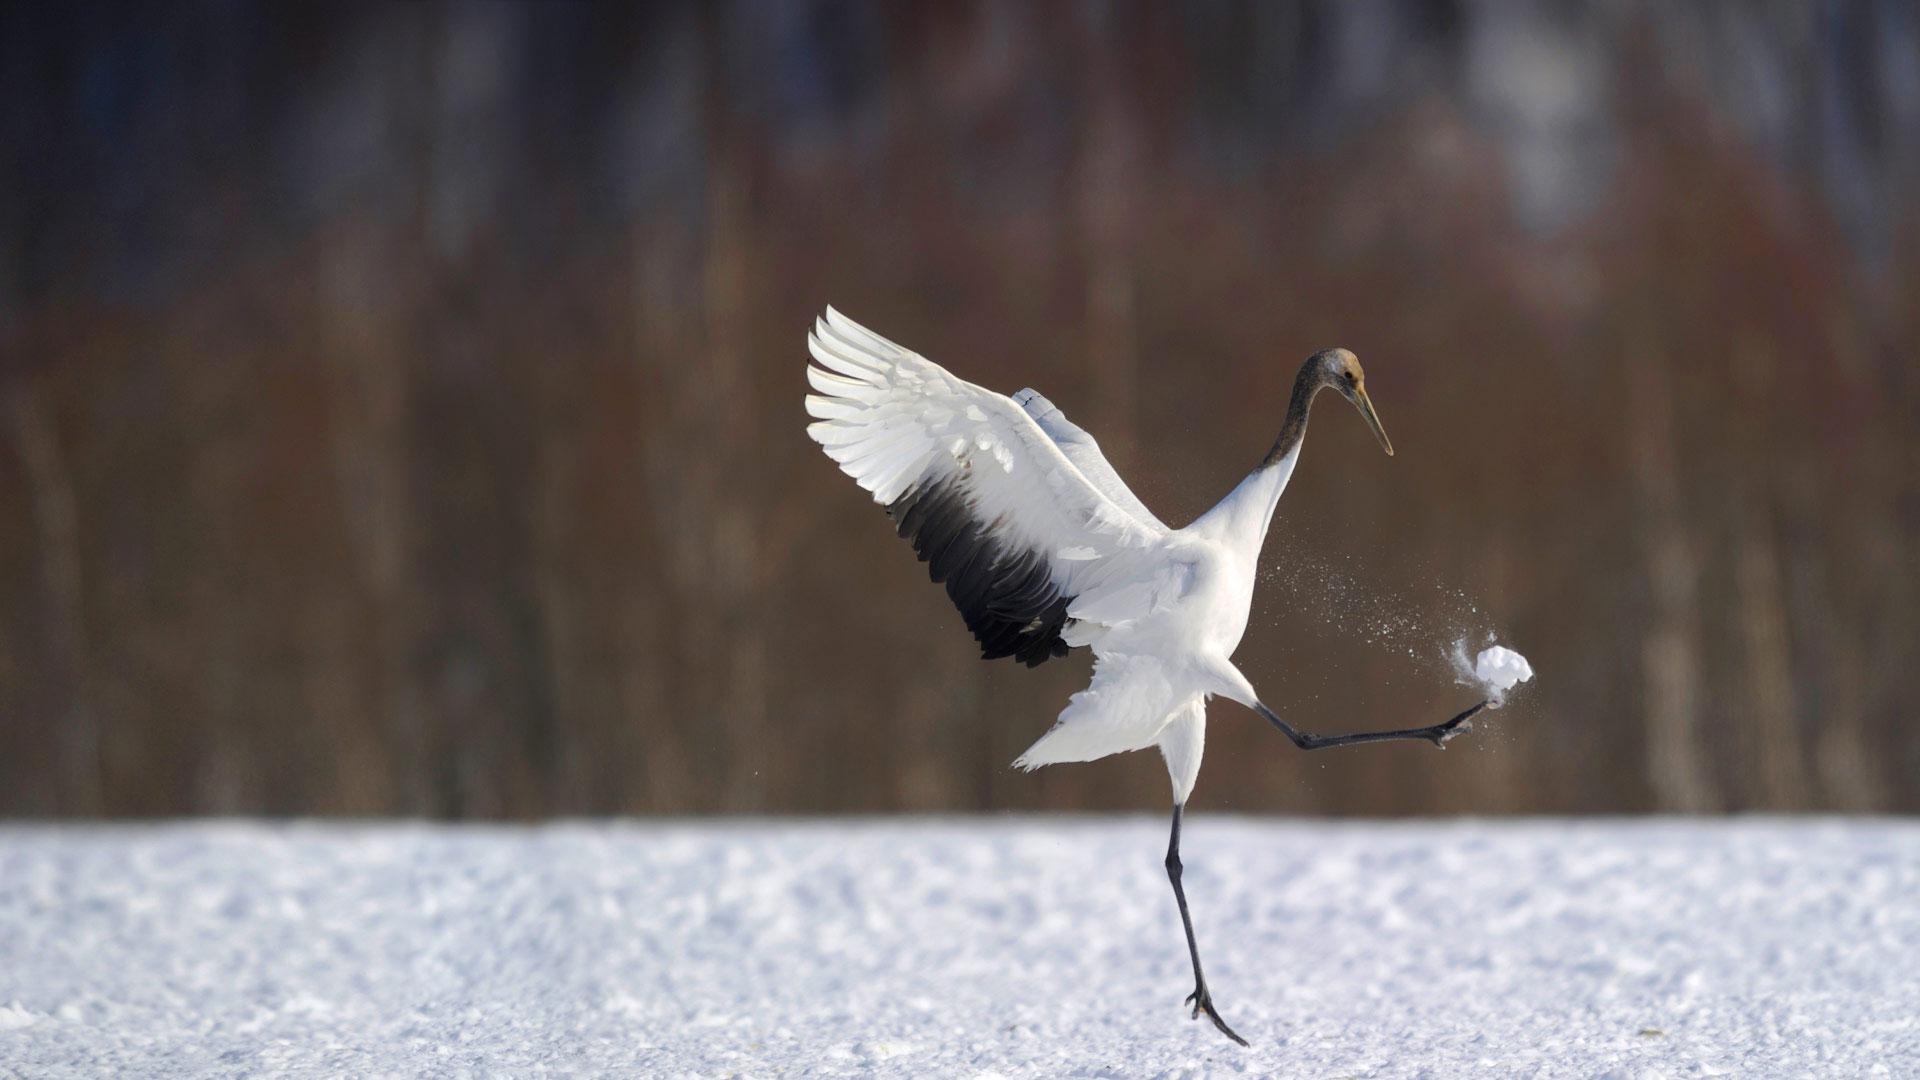 蓝天白云鹭鸟飞 生态铁路入画来